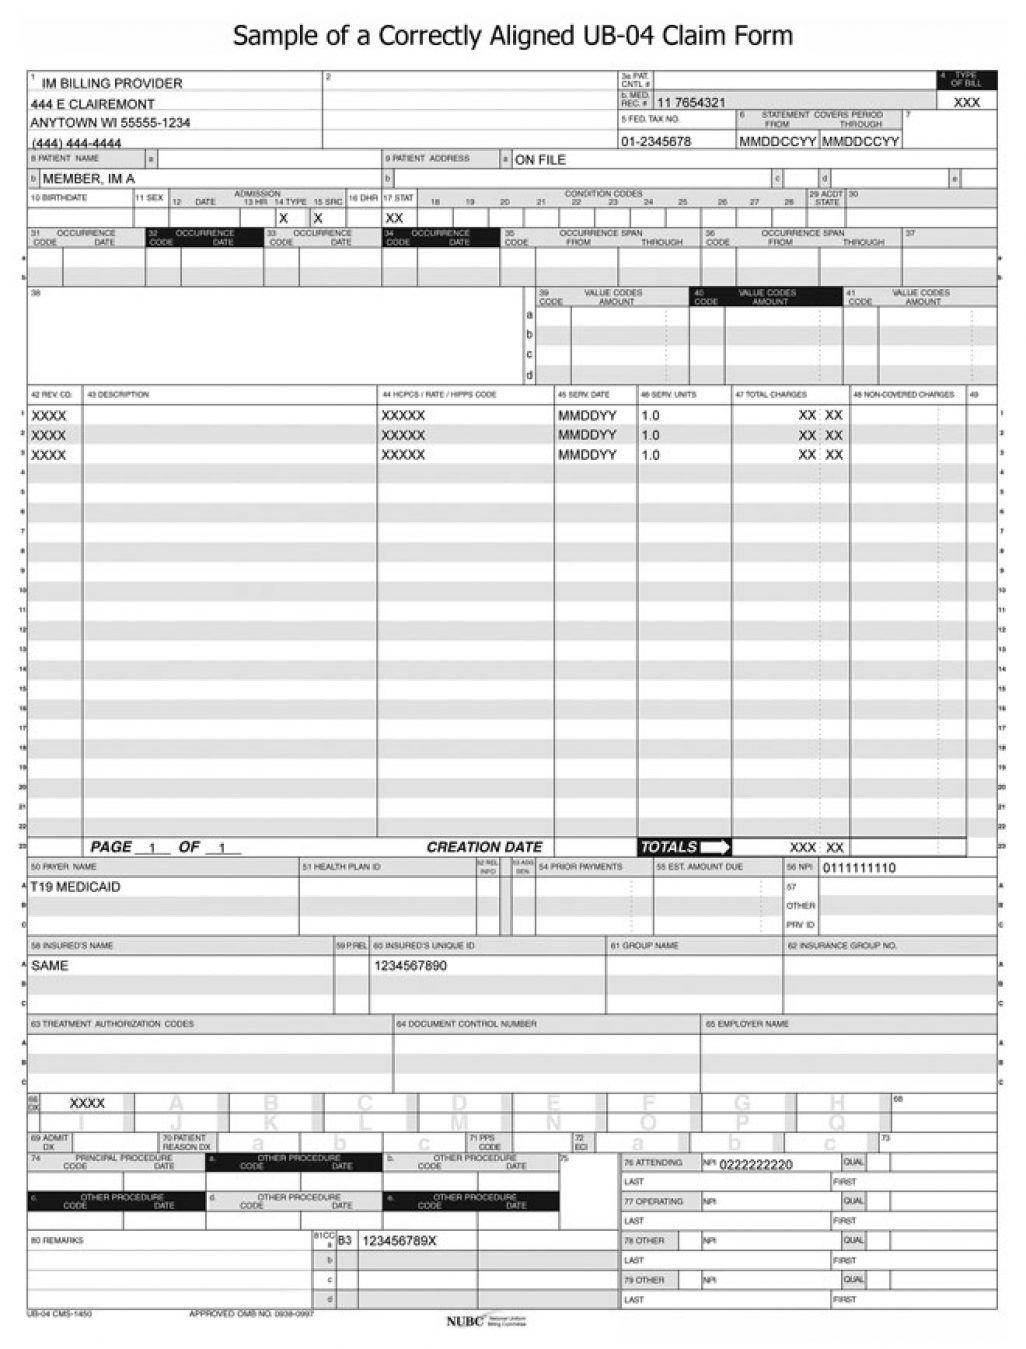 Ub 04 Form Sample